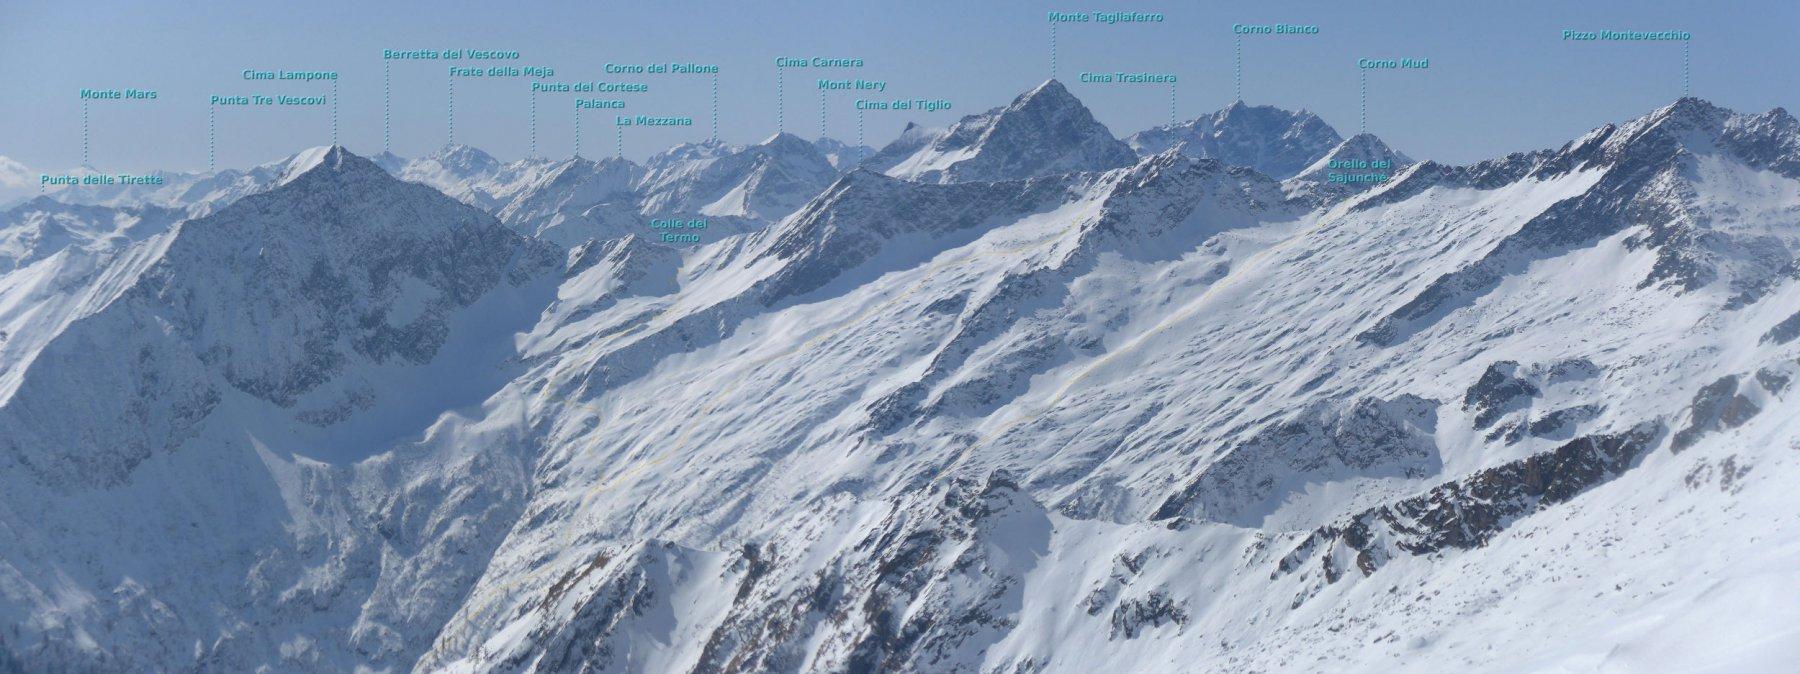 Panoramica sul lato opposto della valle, con alcune gite classiche da Carcoforo